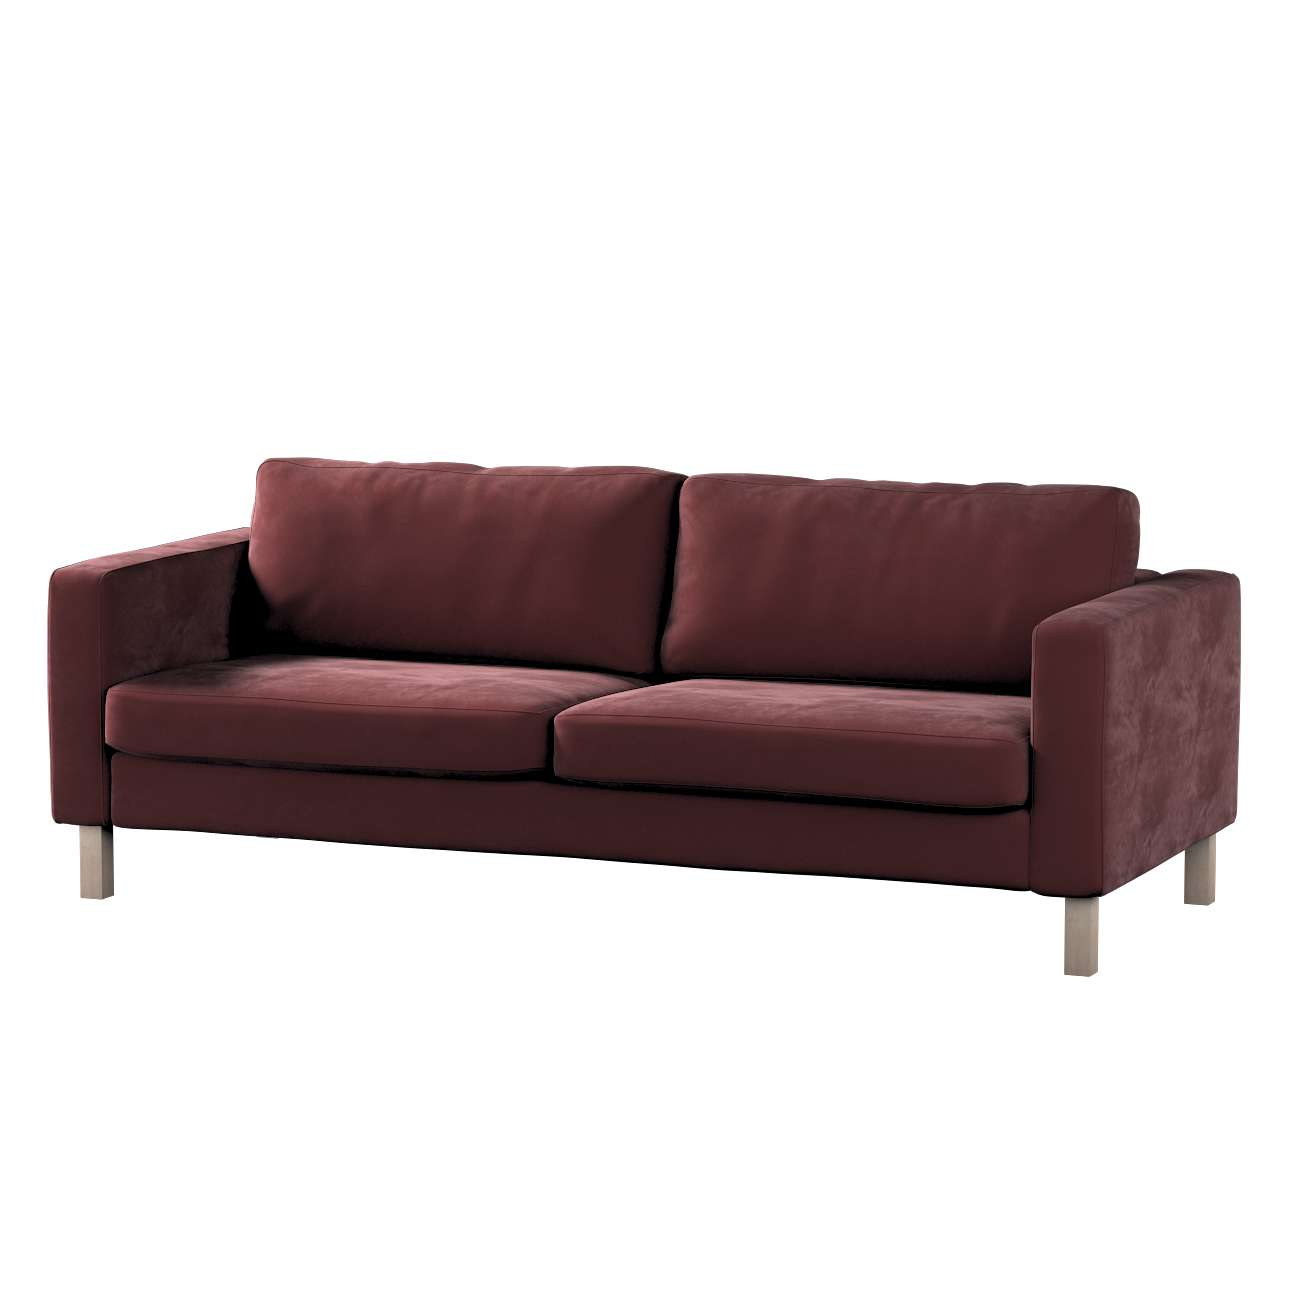 Karlstad klädsel<br>3-pers. soffa - kort - 204cm i kollektionen Velvet, Tyg: 704-26